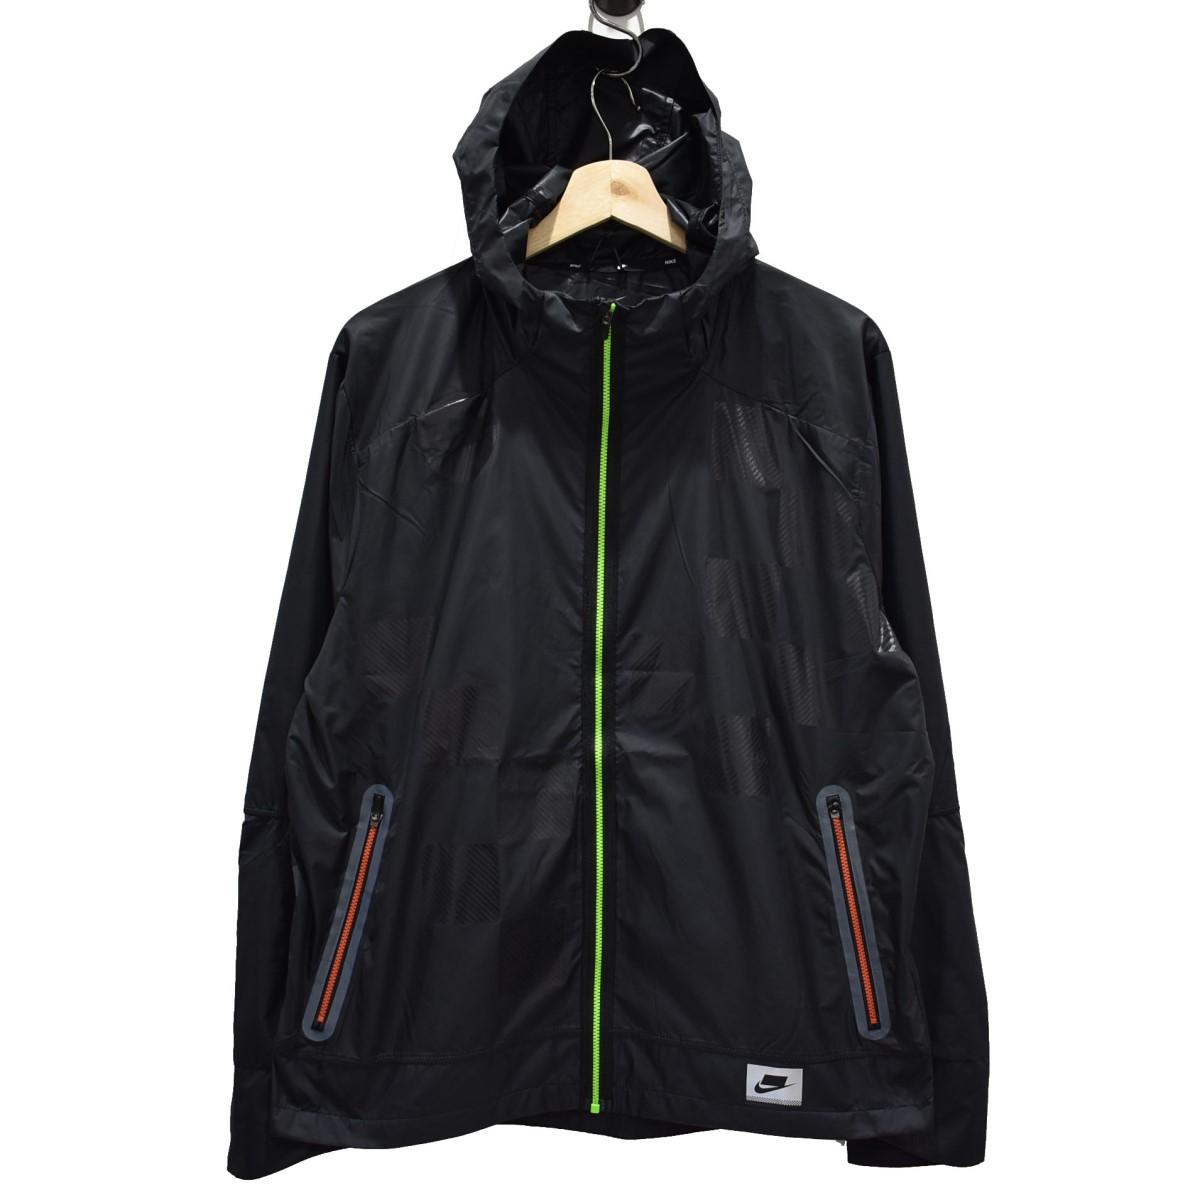 【中古】NIKE 19AW ワイルドラン シールドジャケット ジップアップブルゾン ブラック サイズ:L 【040520】(ナイキ)